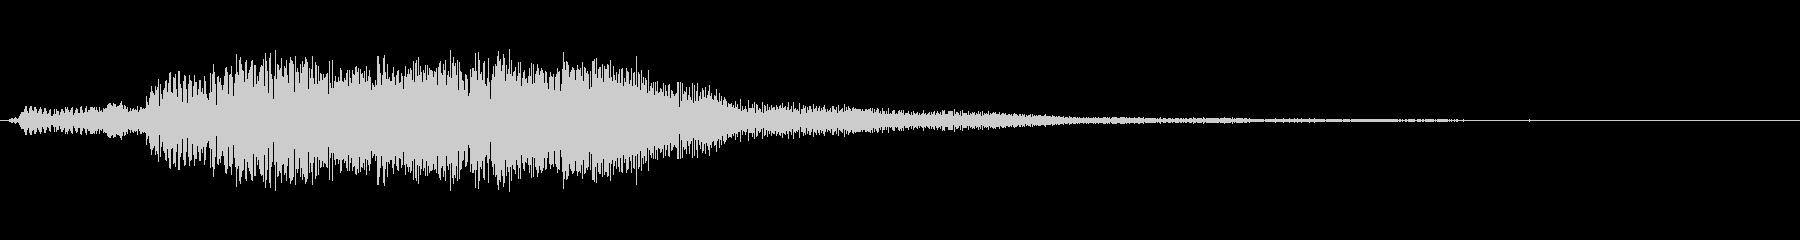 ハープ:ビッググリスアクセント、漫...の未再生の波形